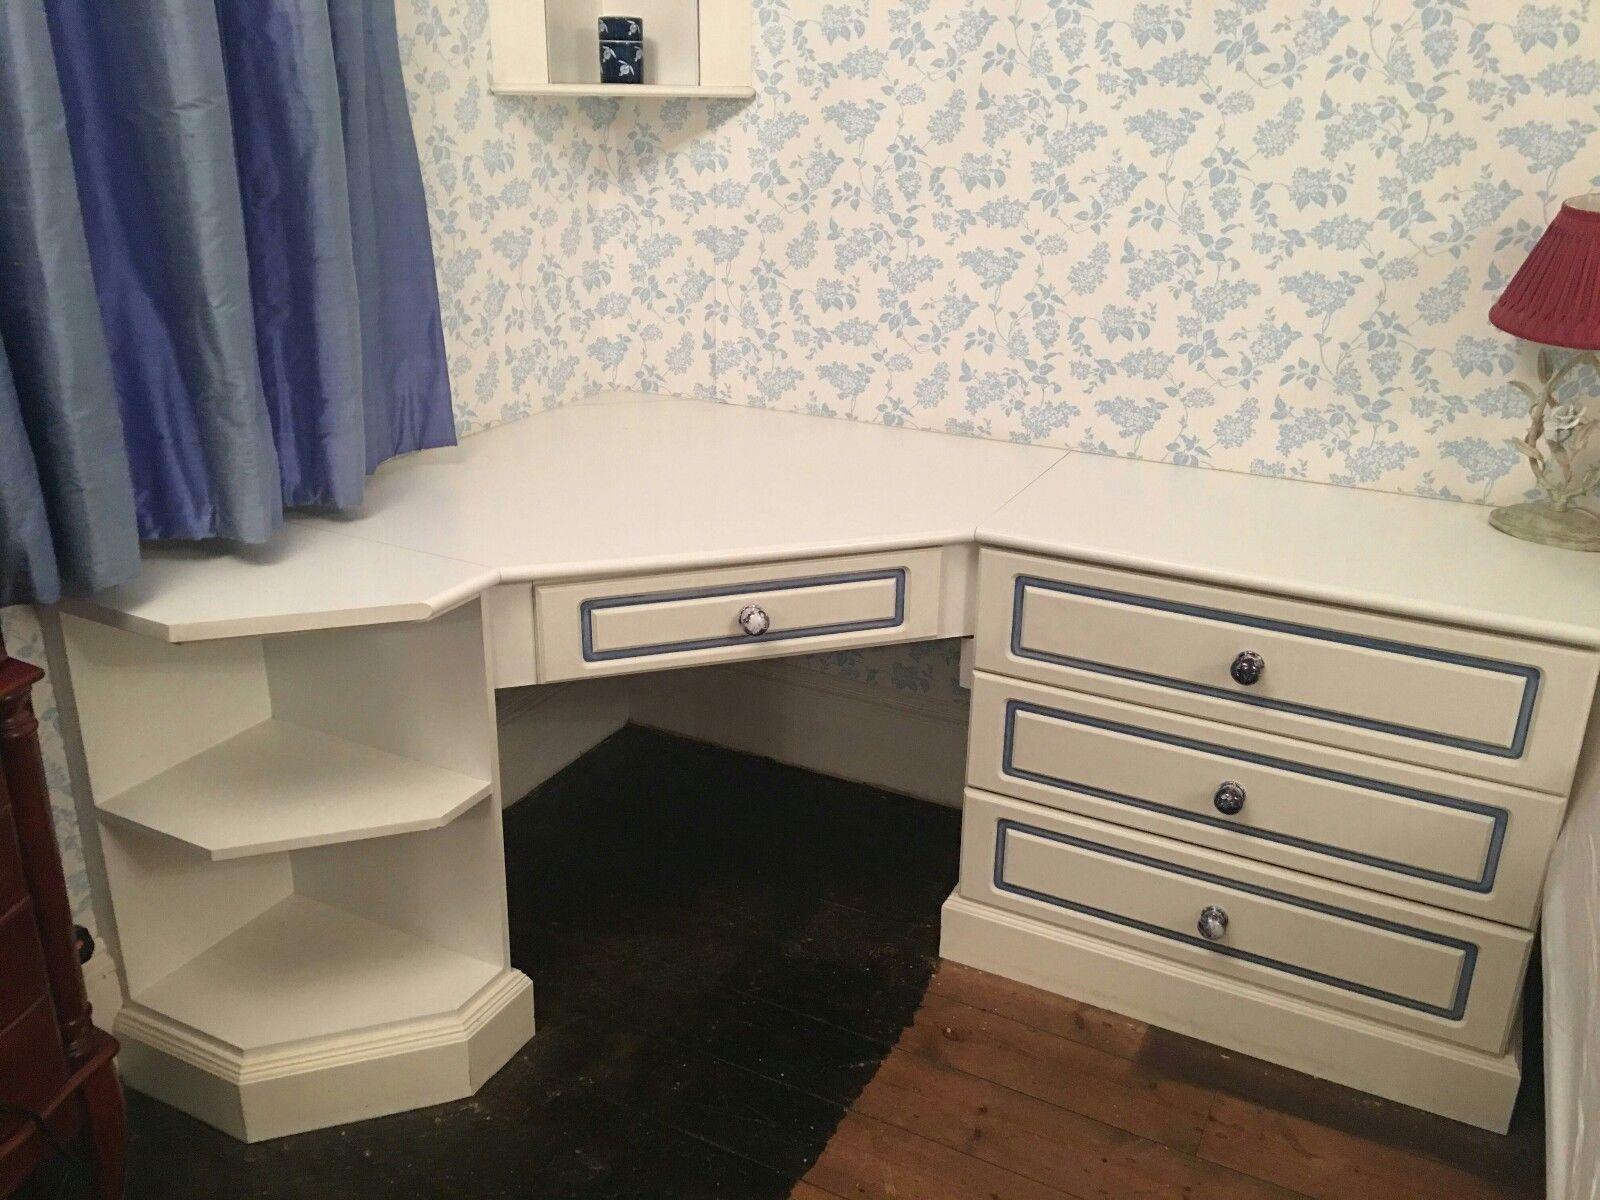 Pin by Deanna Herman on Bathroom | Corner vanity, Corner ...